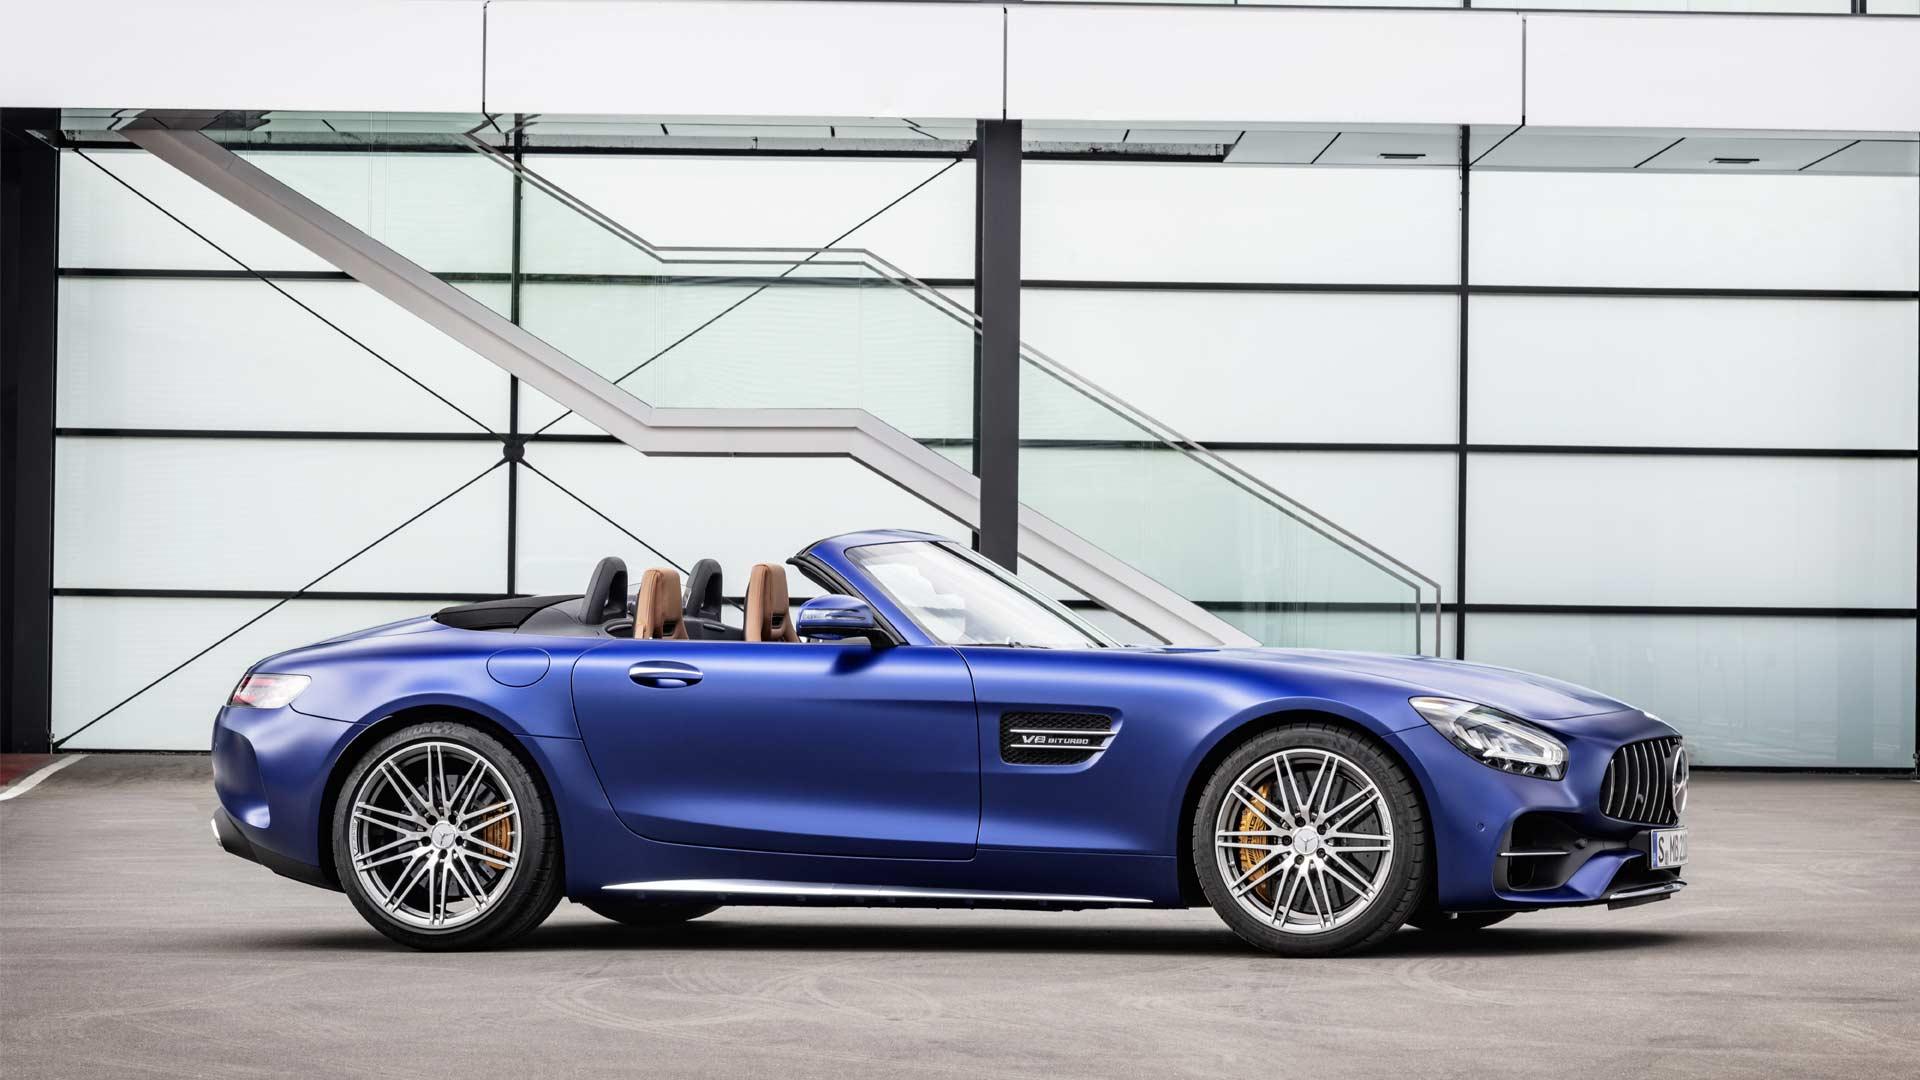 2019-Mercedes-AMG-GT-C-Roadster_3